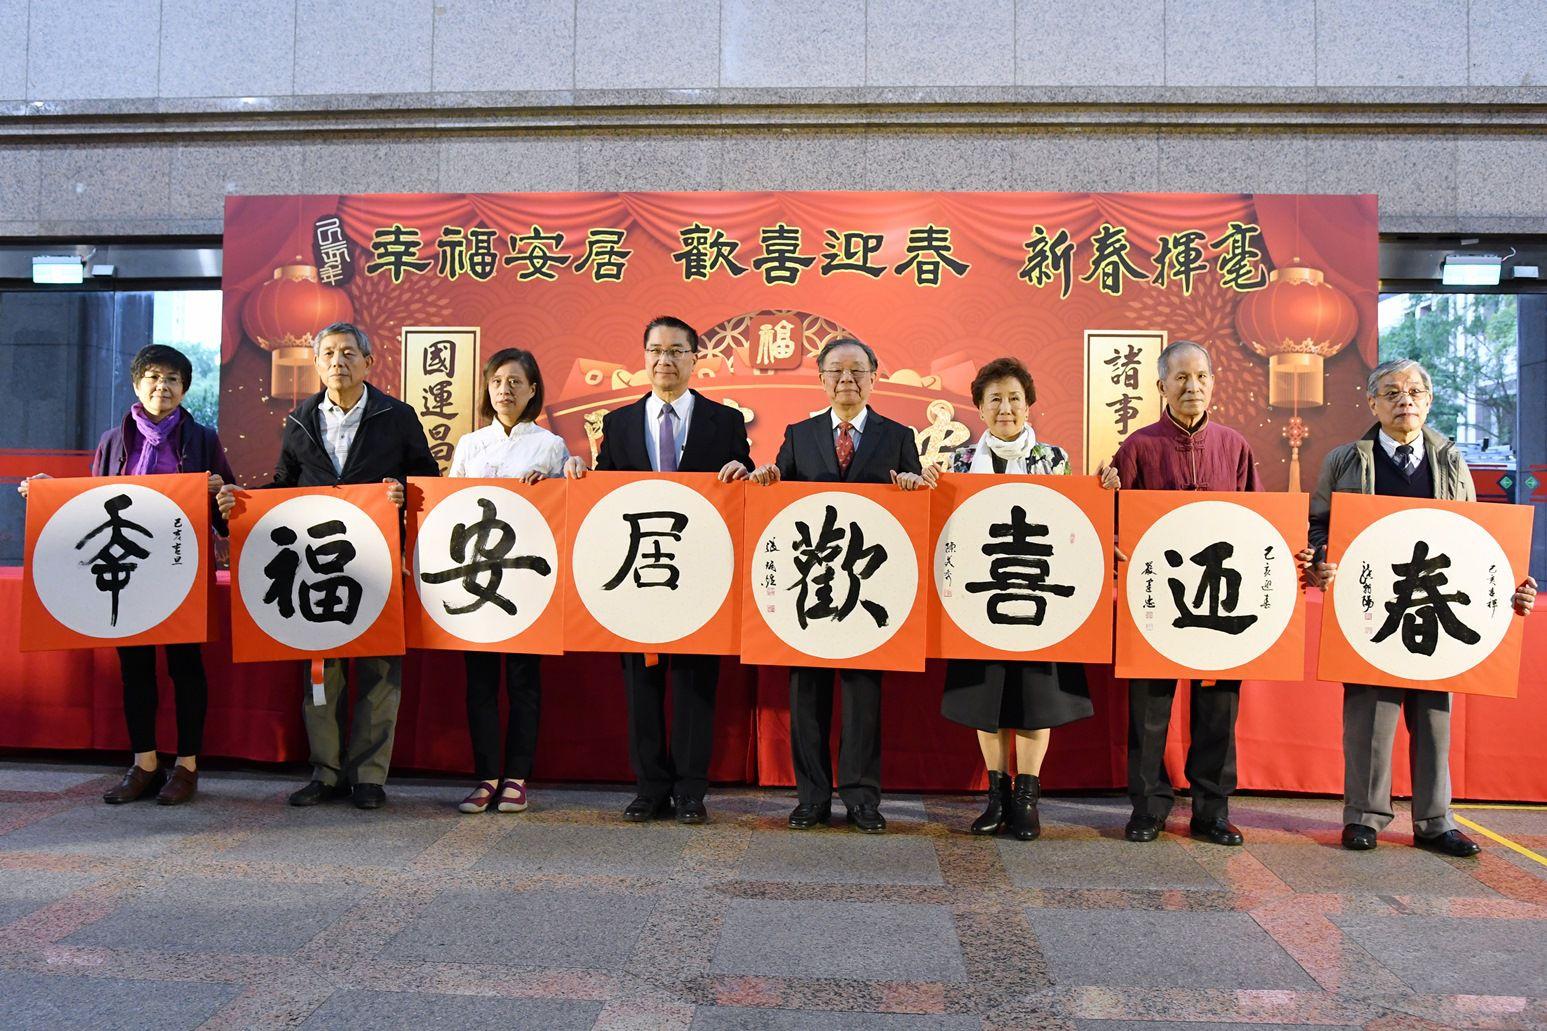 內政部長徐國勇(中)與書法名家開筆書寫「幸福安居 歡喜迎春」